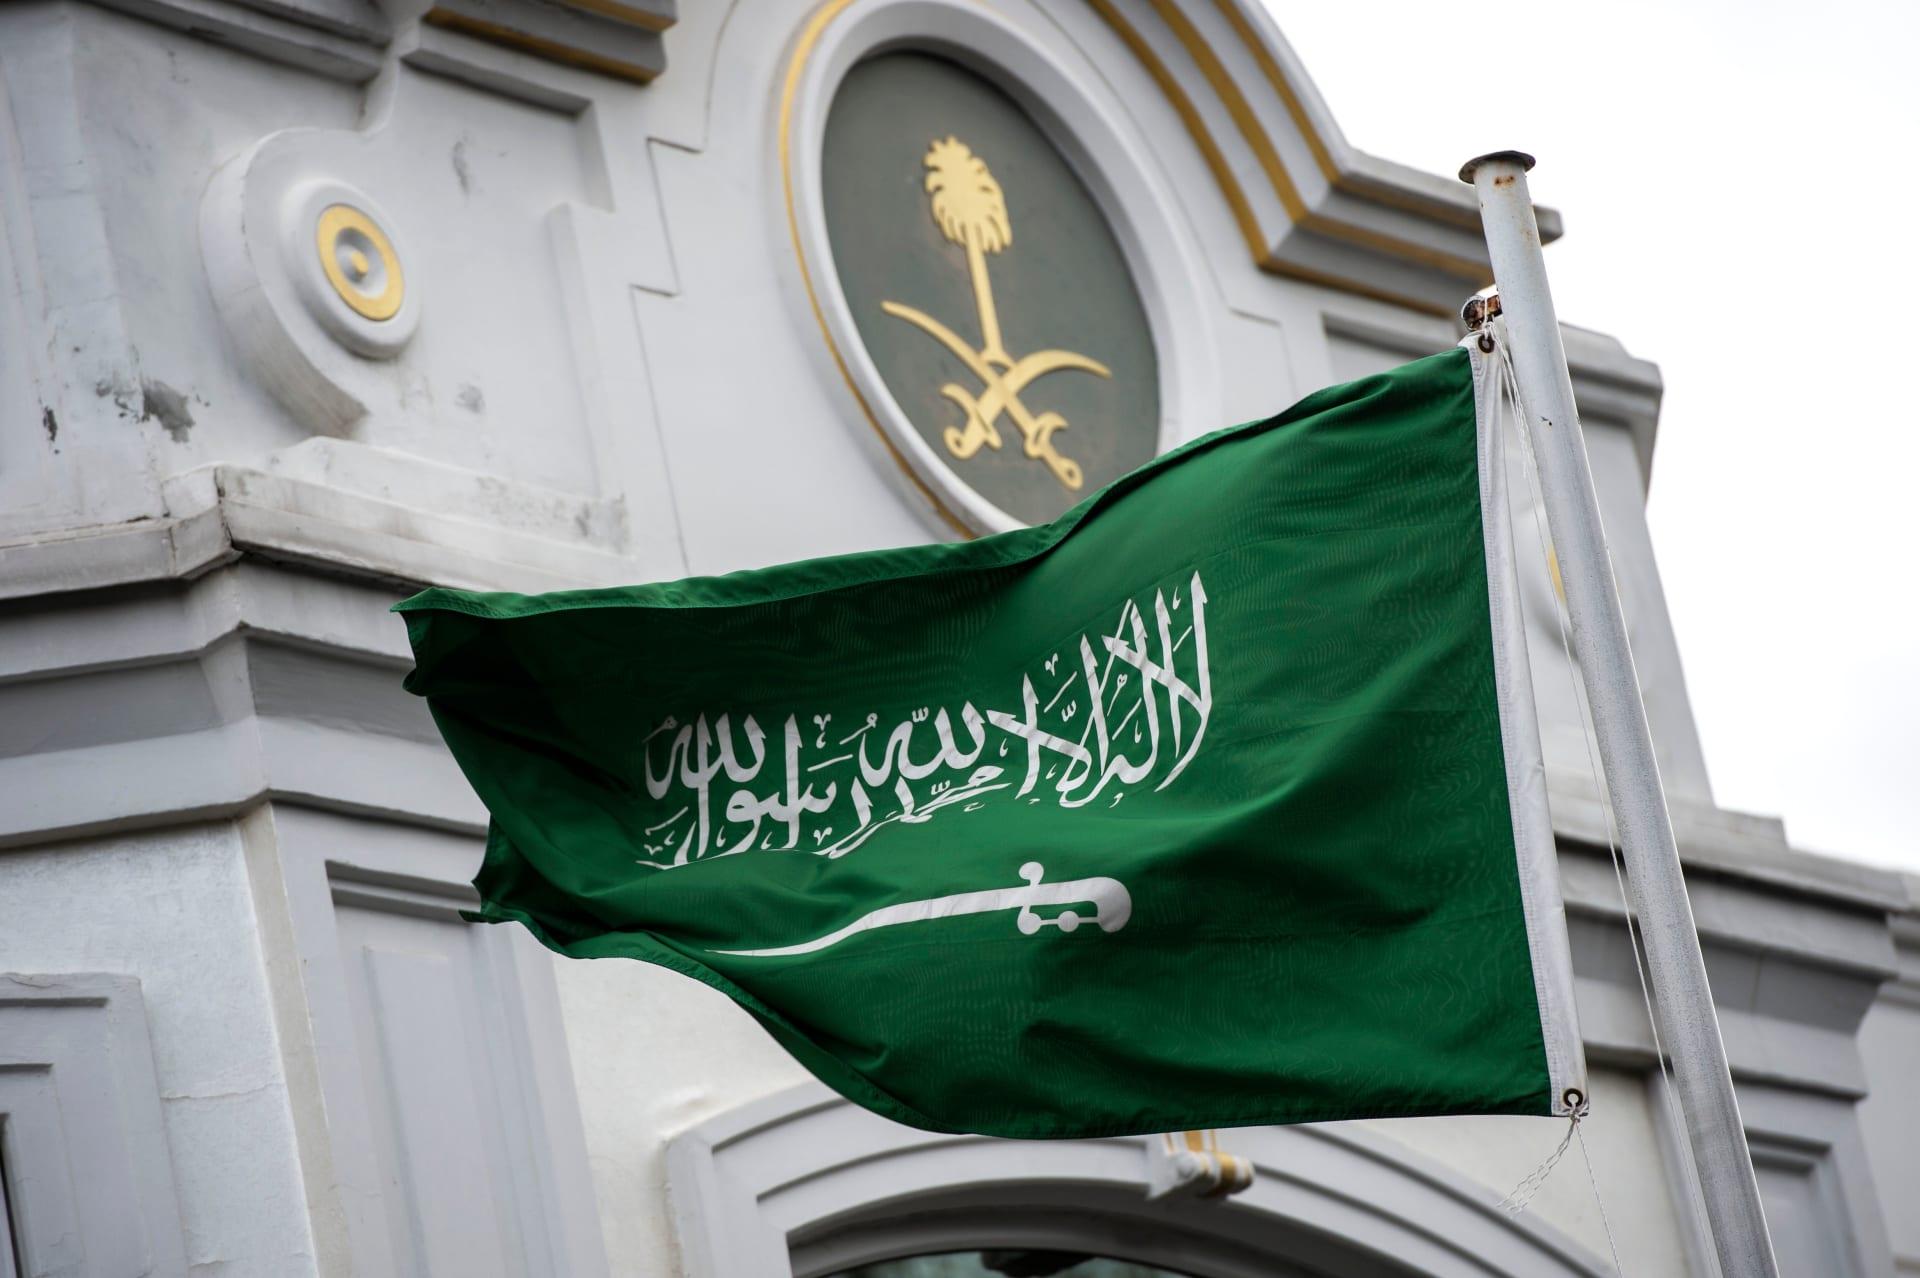 وزير الإعلام السعودي: الادعاءات حول صدور أمر بقتل خاشقجي غير صحيحة وكاذبة